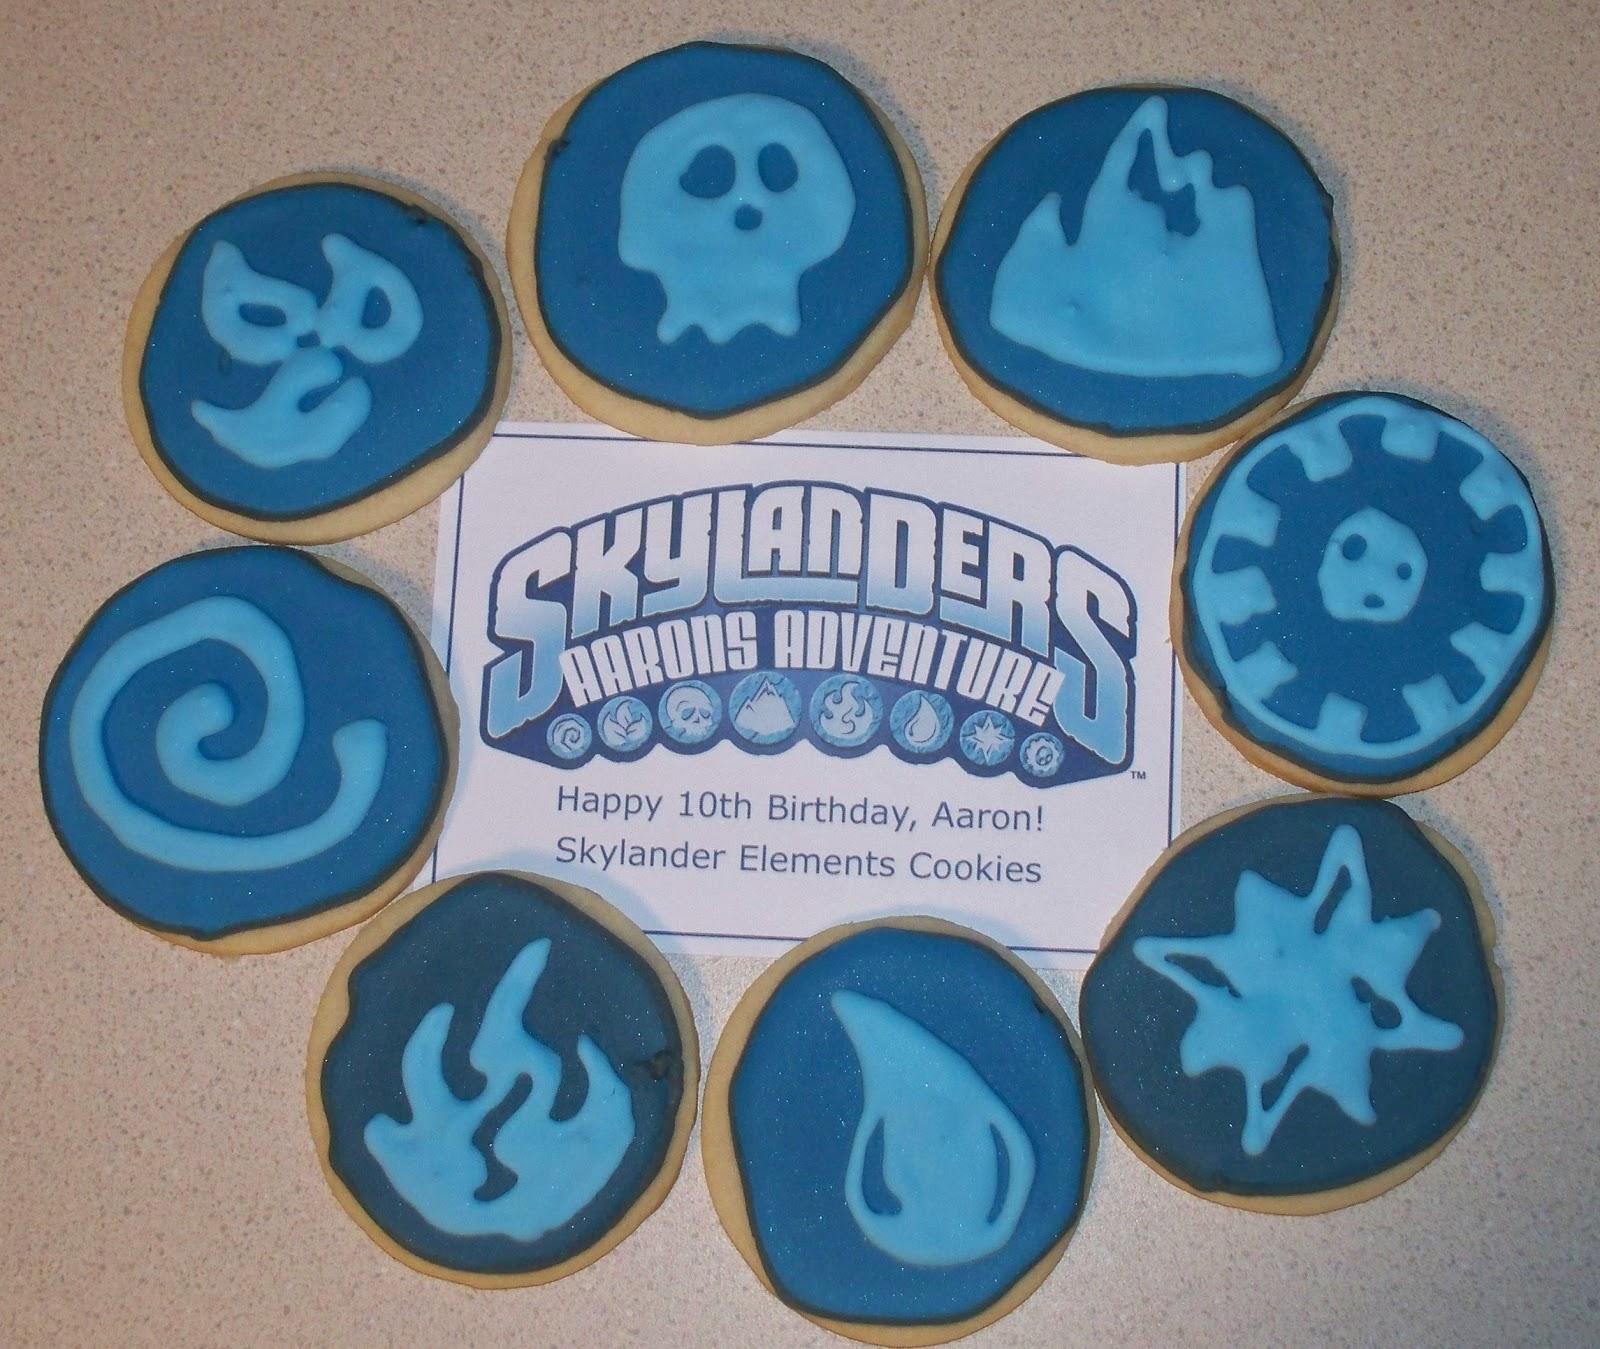 Make Do: Skylanders Elements Cookies Plus A Birthday Banner